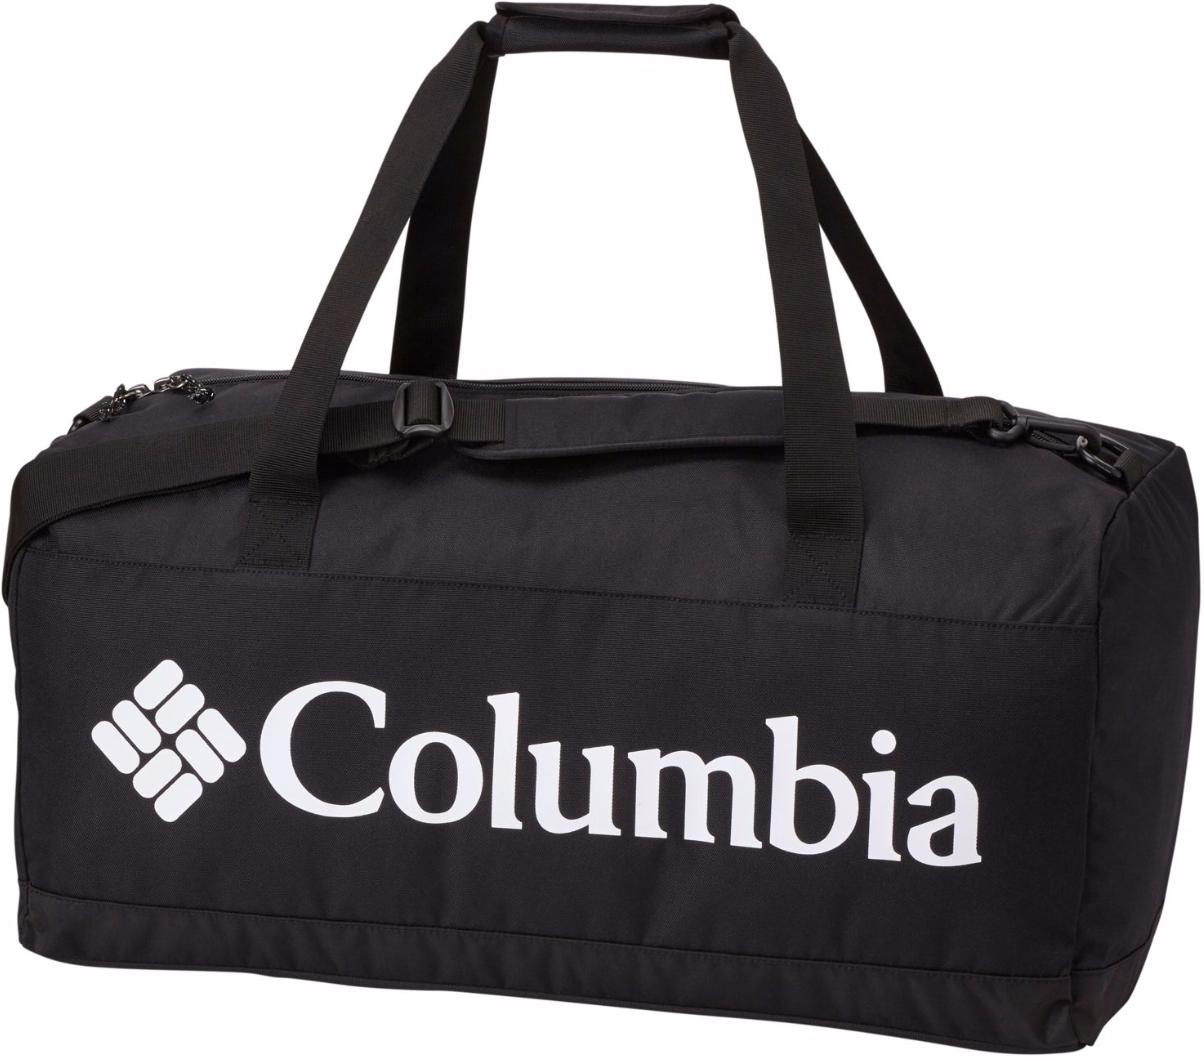 Сумка Columbia Brownsmead Sml Duffel Bag, цвет: черный. 1735811-0101735811-010Сумка Columbia Brownsmead Sml Duffel Bag прочная, легкая, в ней есть все что вам нужно, чтобы нести ваше снаряжение - и ничего вам не нужно - с эластичной полиэфирной тканью 600D, 45 л места для хранения, удобной застежкой-молнией, двумя захватными ручками и съемным плечевым ремнем.